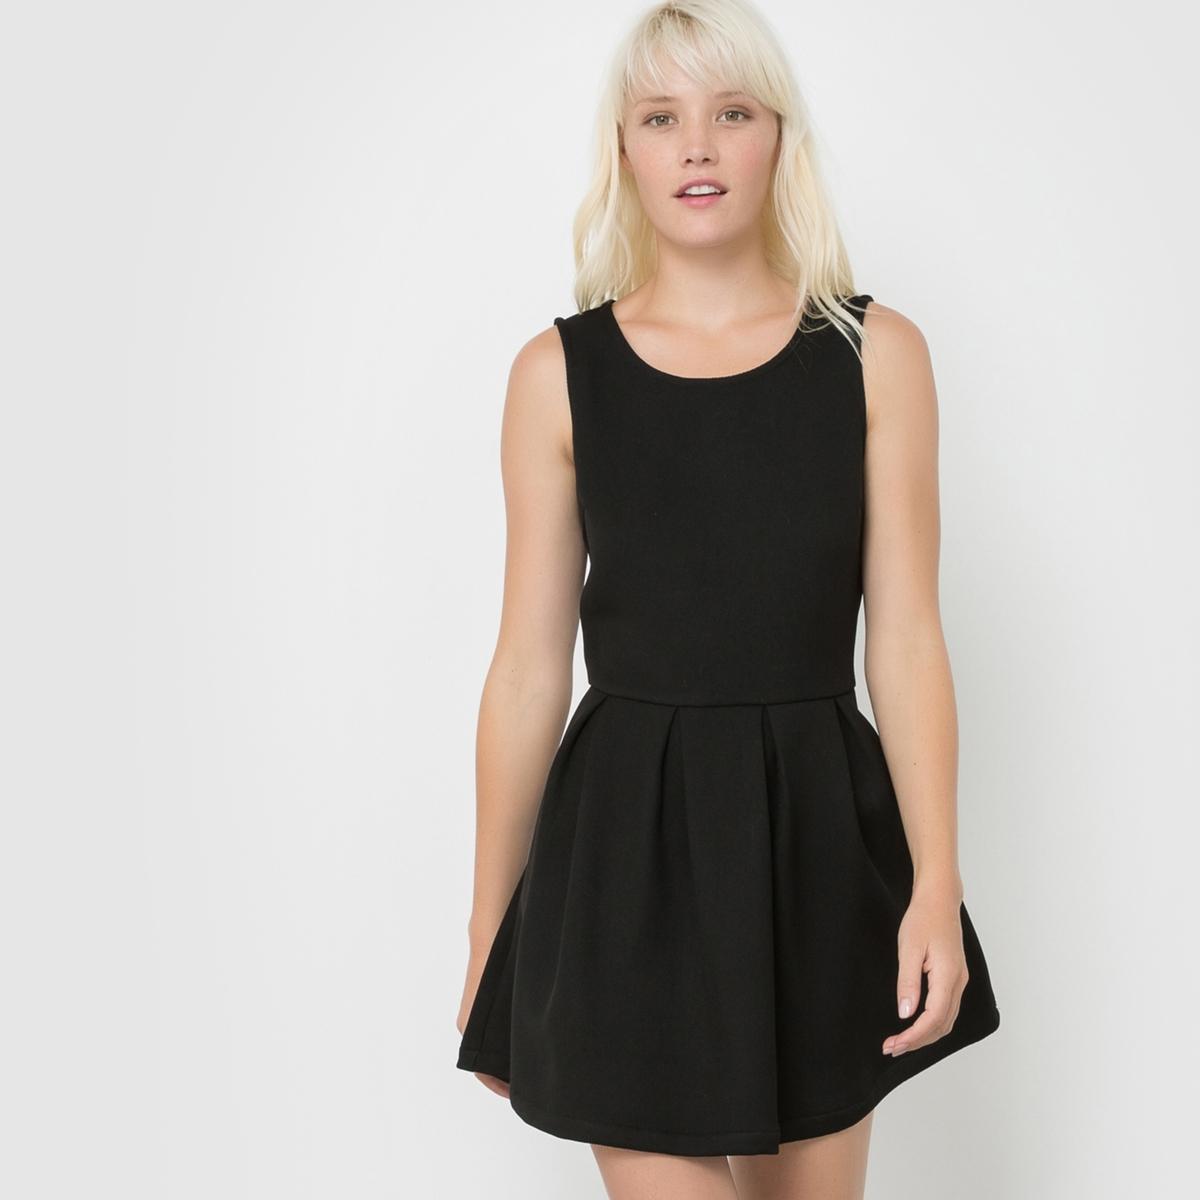 Платье без рукавов с плиссировкой RELZAСостав и описаниеМарка : SCHOOL RAG.Модель : RELZAМатериал : 100% полиэстера<br><br>Цвет: черный